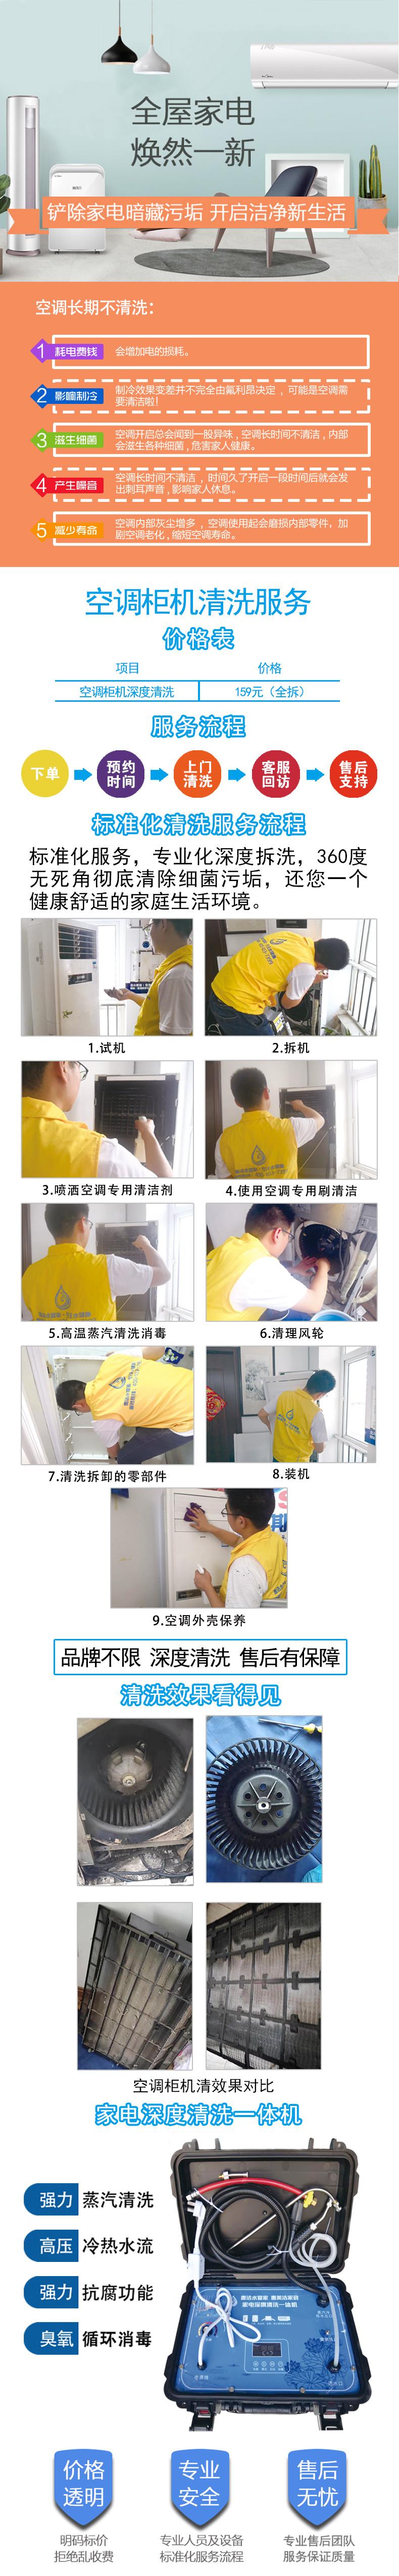 柜式空调清洗流程